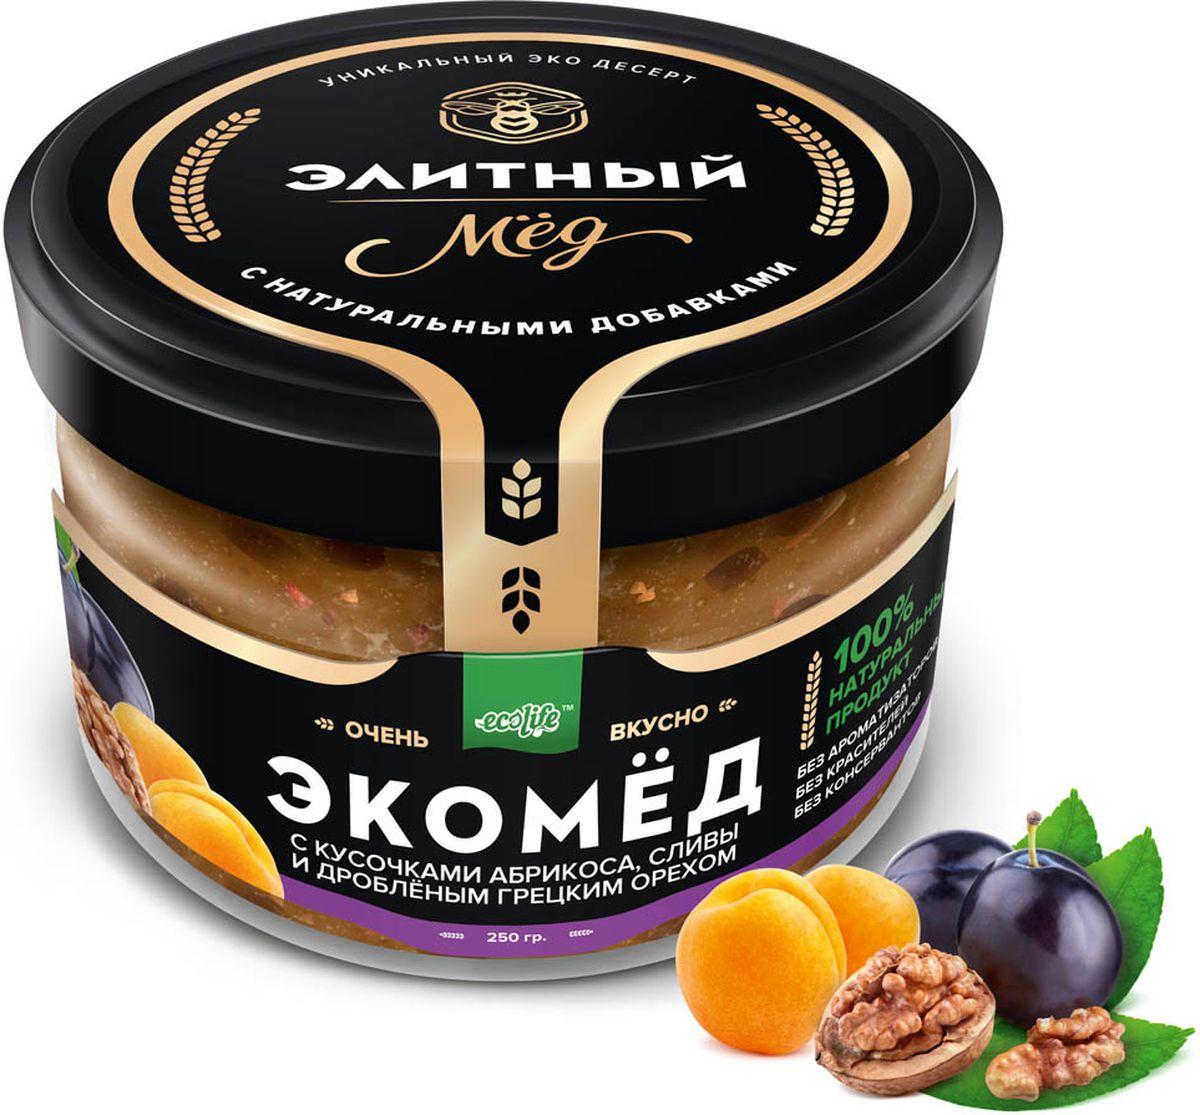 Ecolife Экомед с абрикосом, сливой 0120710100% натуральный экопродукт, имеющий в составе только натуральные ингредиенты. При изготовлении не используется дешевый подсолнечный мёд. Мед не нагревается, сохраняются все его полезные свойства. Экомёд не имеет эффекта расслаивания.